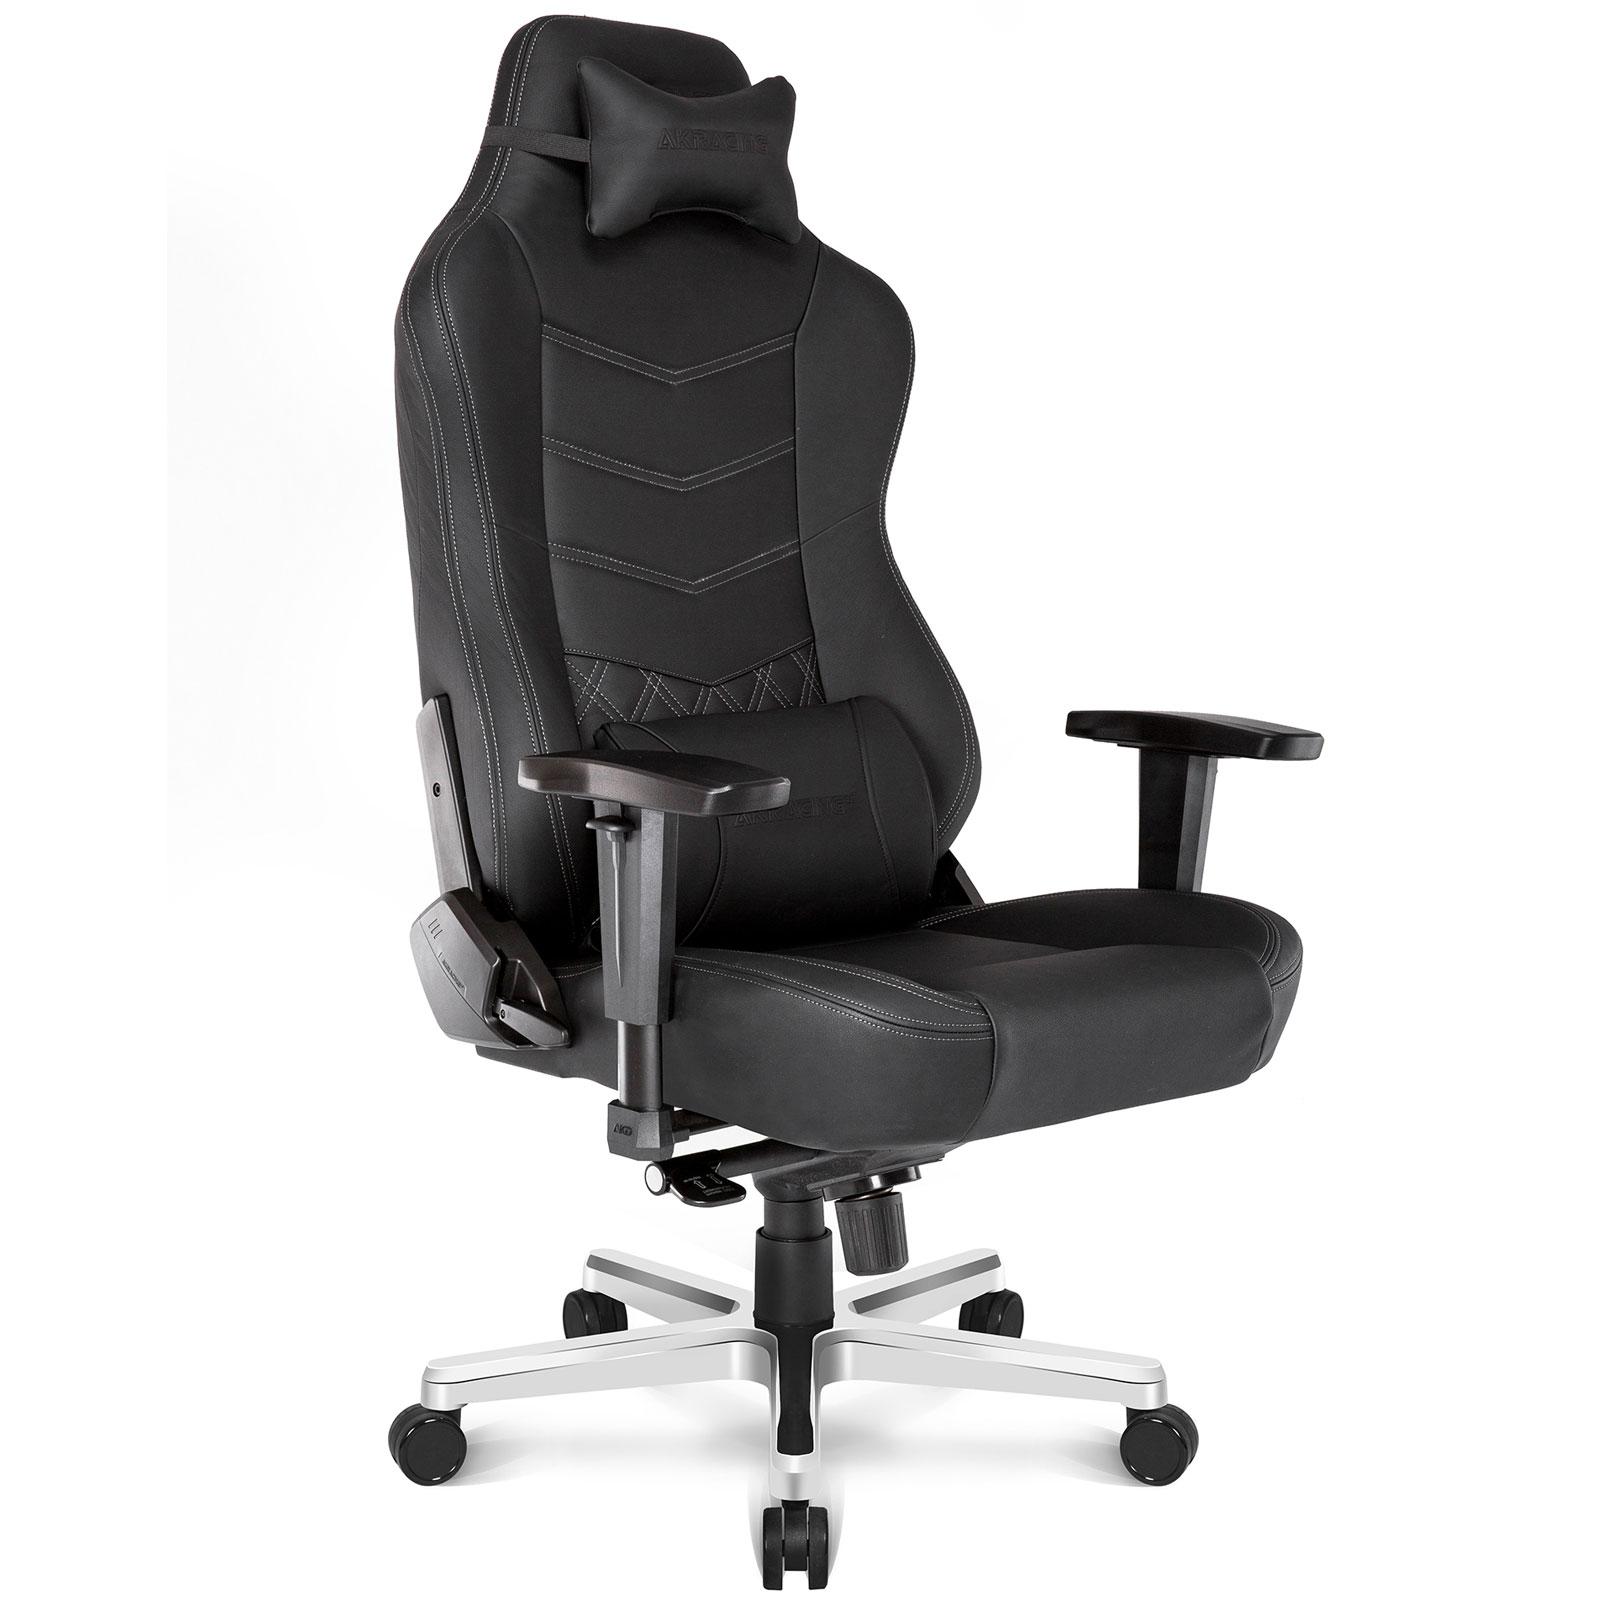 Siège Gamer Akaracing Onyx Deluxe Cuir véritable, fauteuil, siège, siège gamer, informatique 974, informatique ile de la réunion